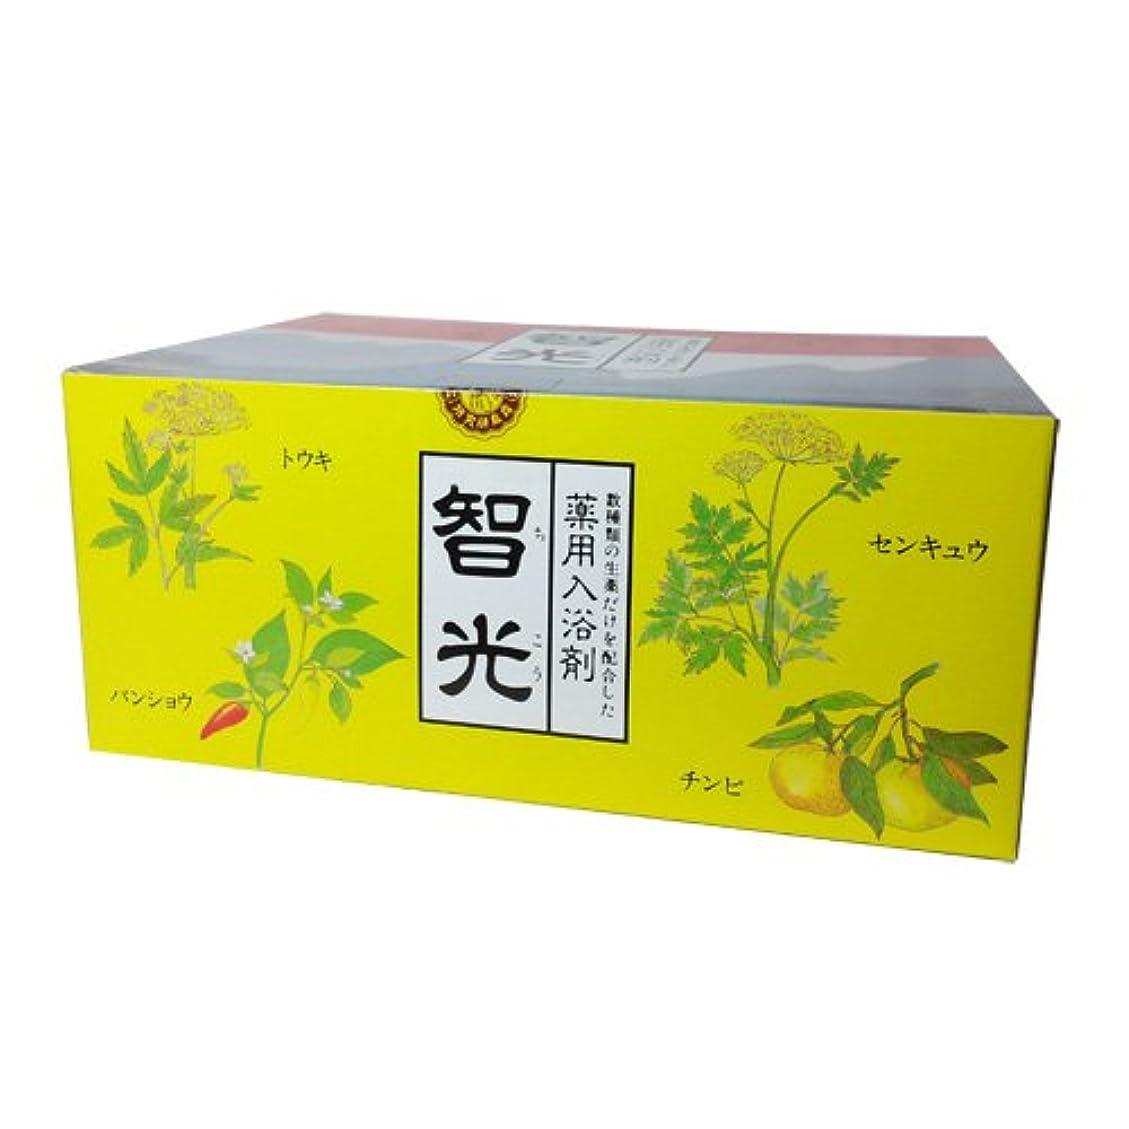 ナンセンスペンダントこどもの日智光 25g×10包×2箱セット